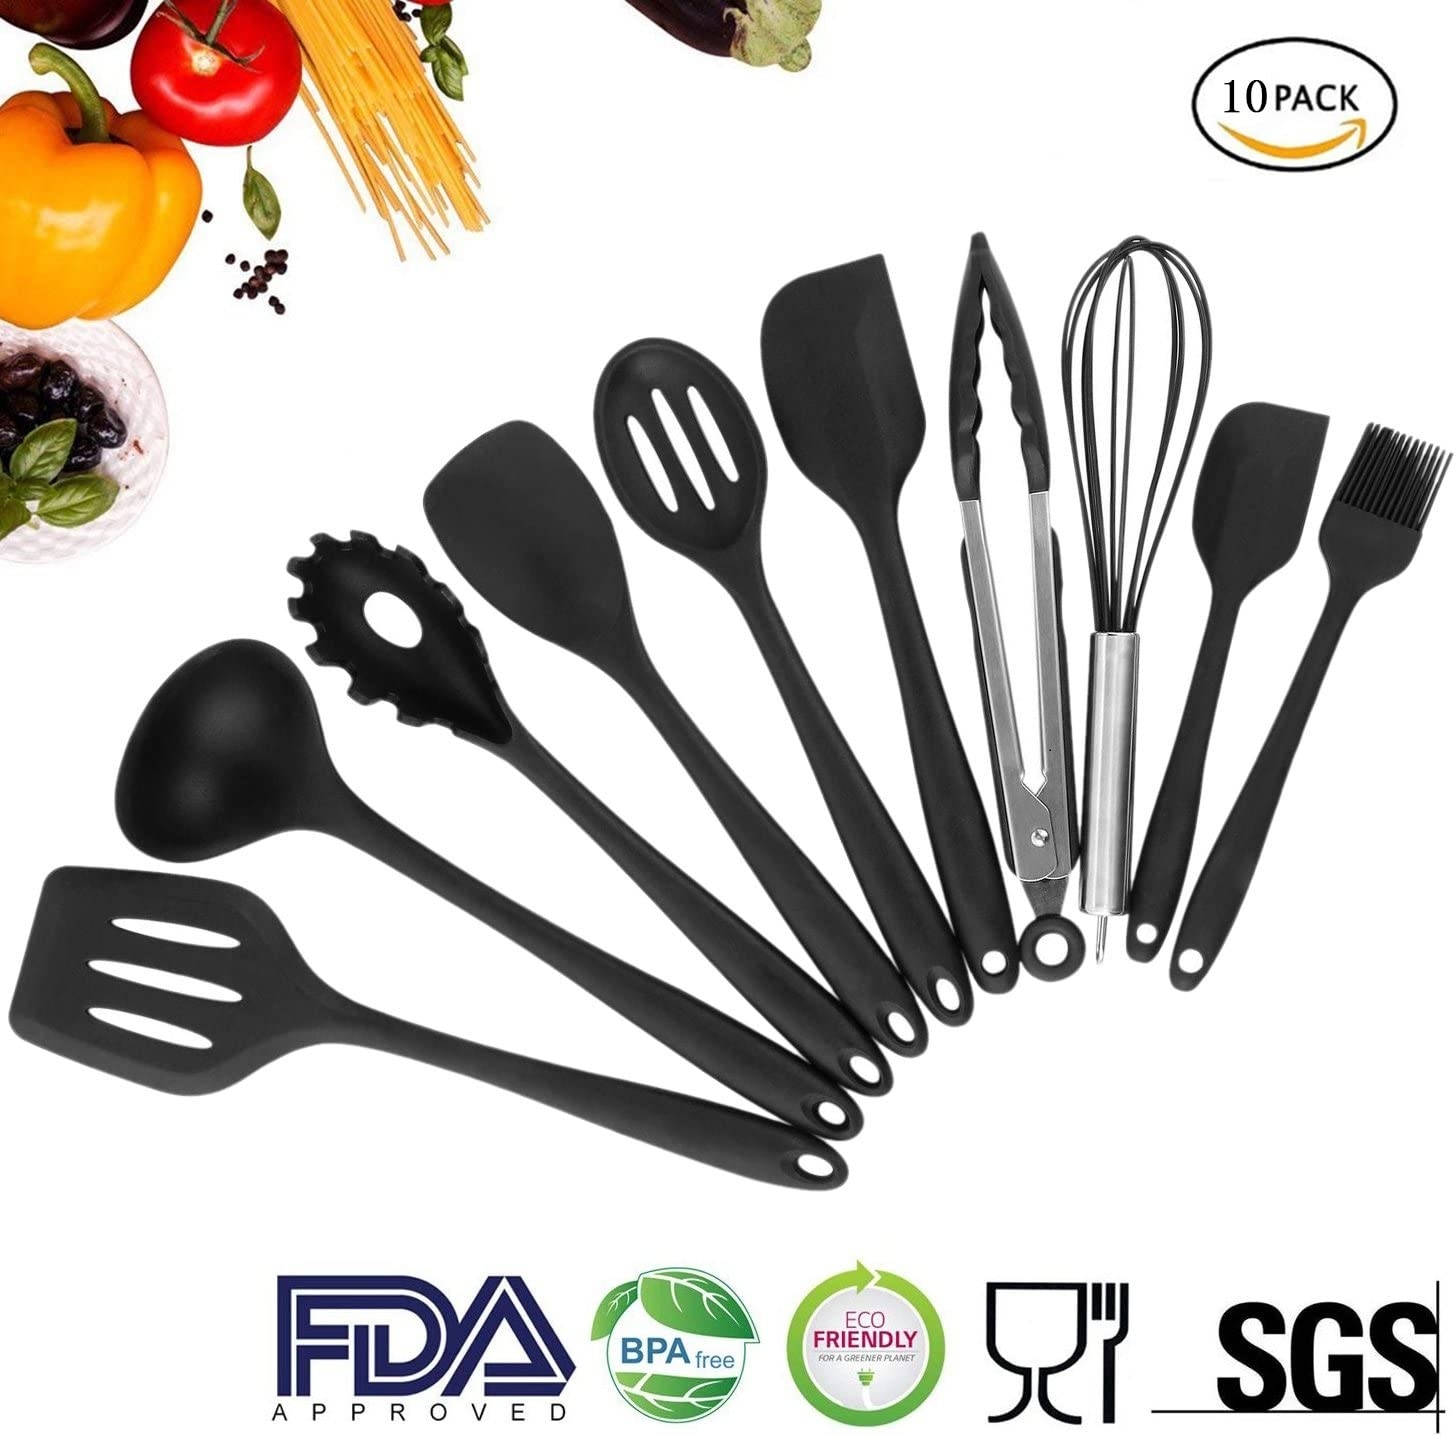 Young & Ming Silicona 10 Piezas Utensilios de Cocina Resistente al Calor Antiadherente Juego de Herramienta de Cocina: Amazon.es: Hogar